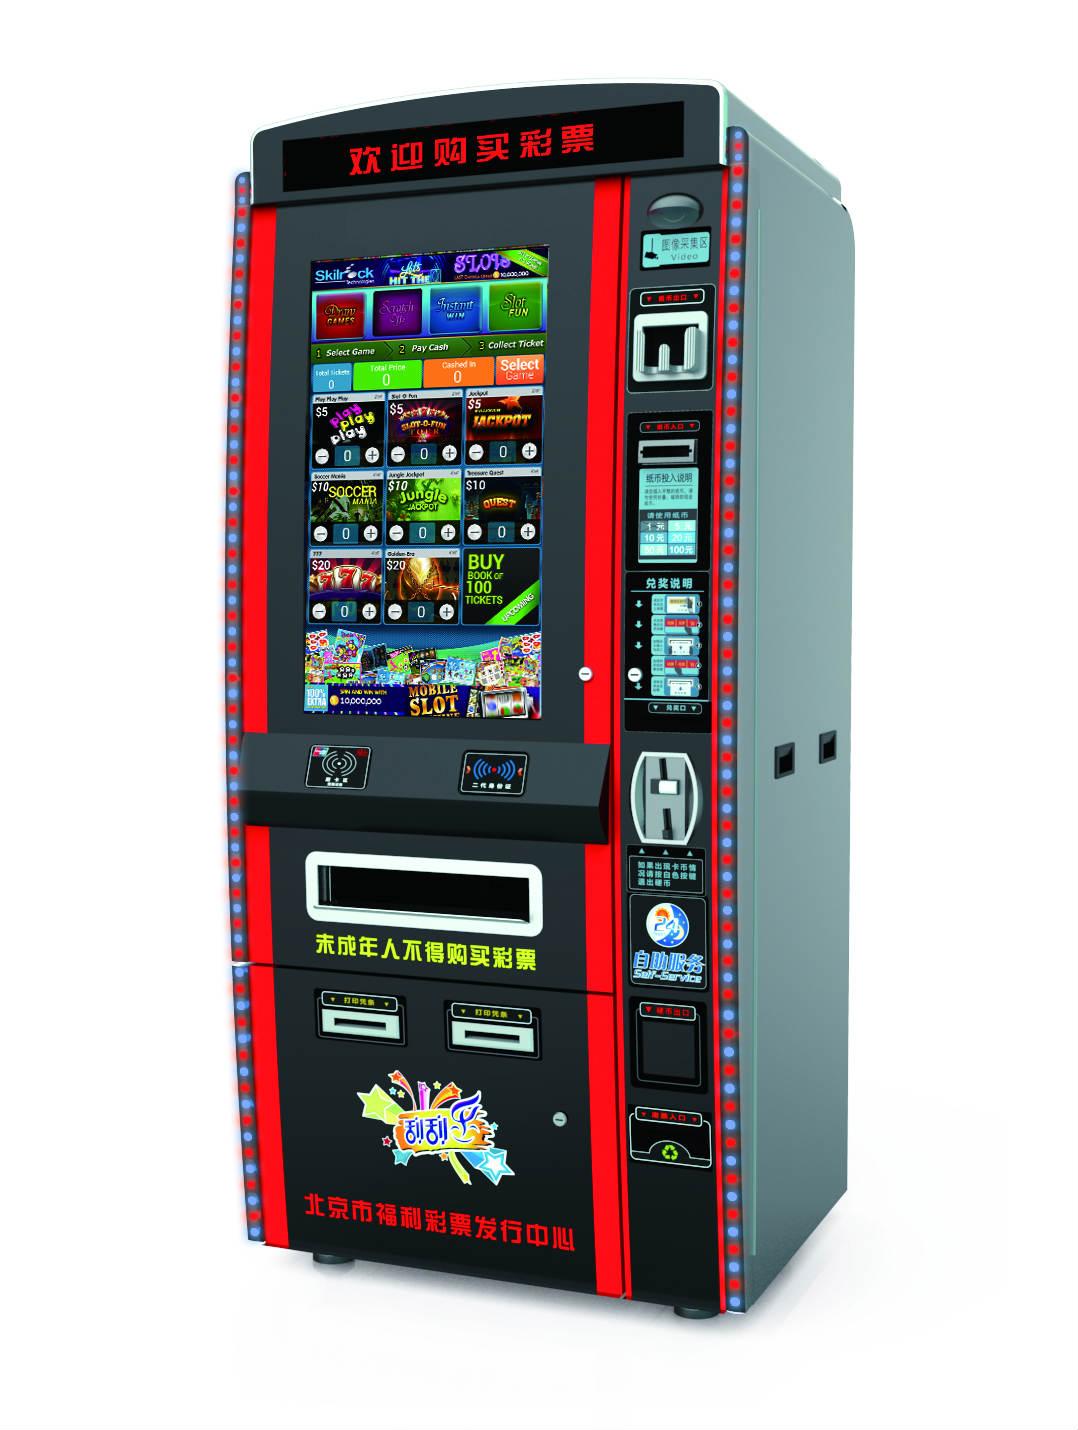 富雷专业生产自动售货机